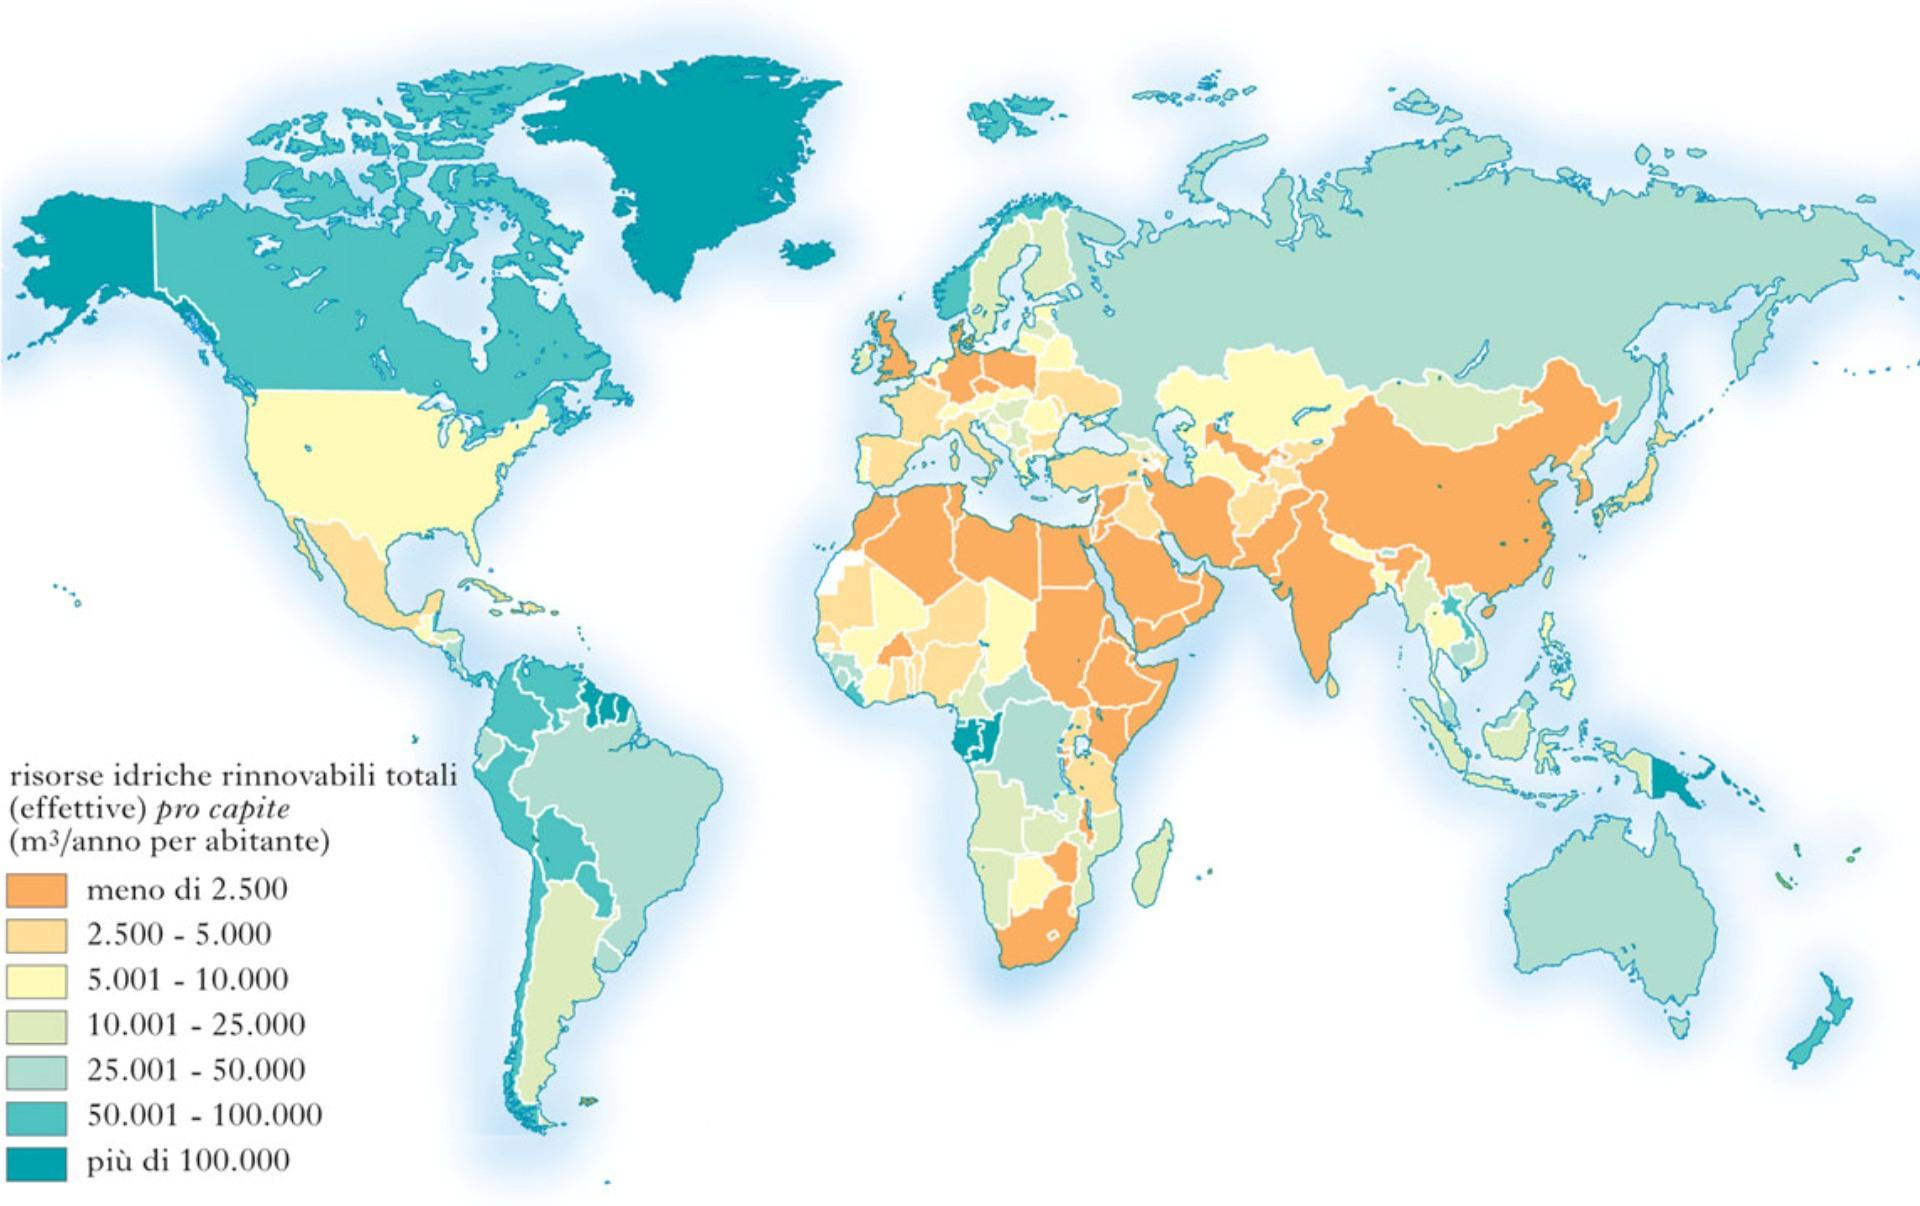 Mappa mondiale delle risorse idriche e delle emergenze sociali world map of water resources gumiabroncs Gallery